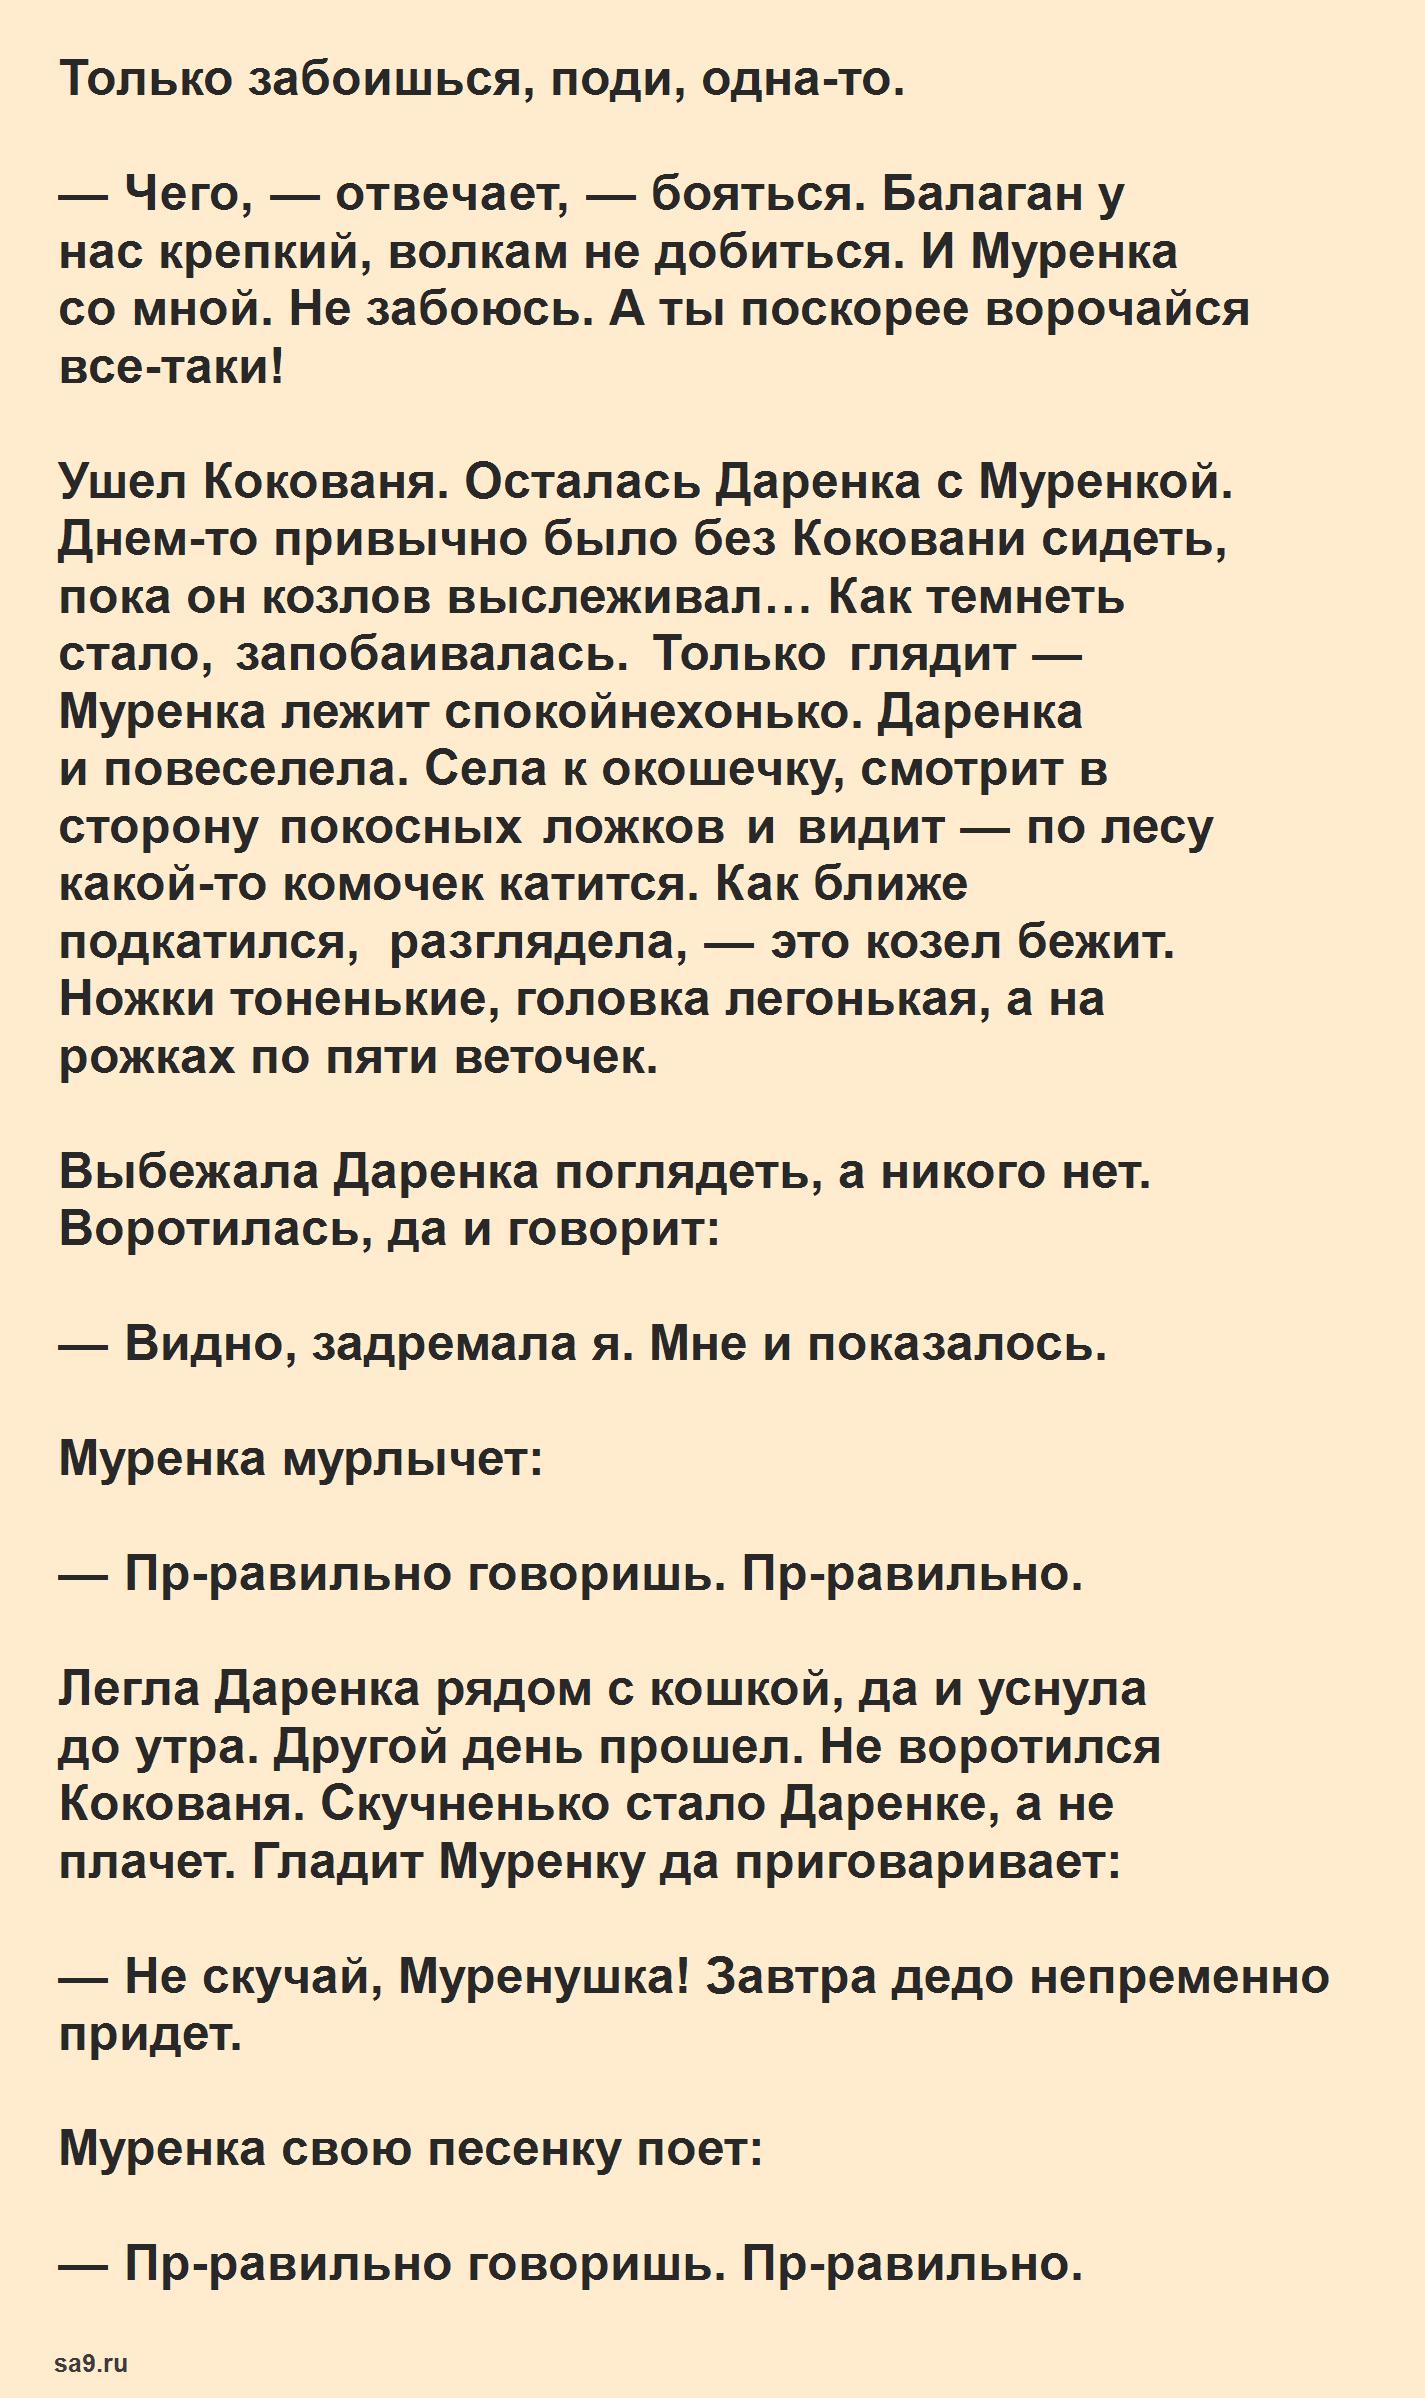 Читаем интересную сказку Бажова для детей - Серебряное копытце